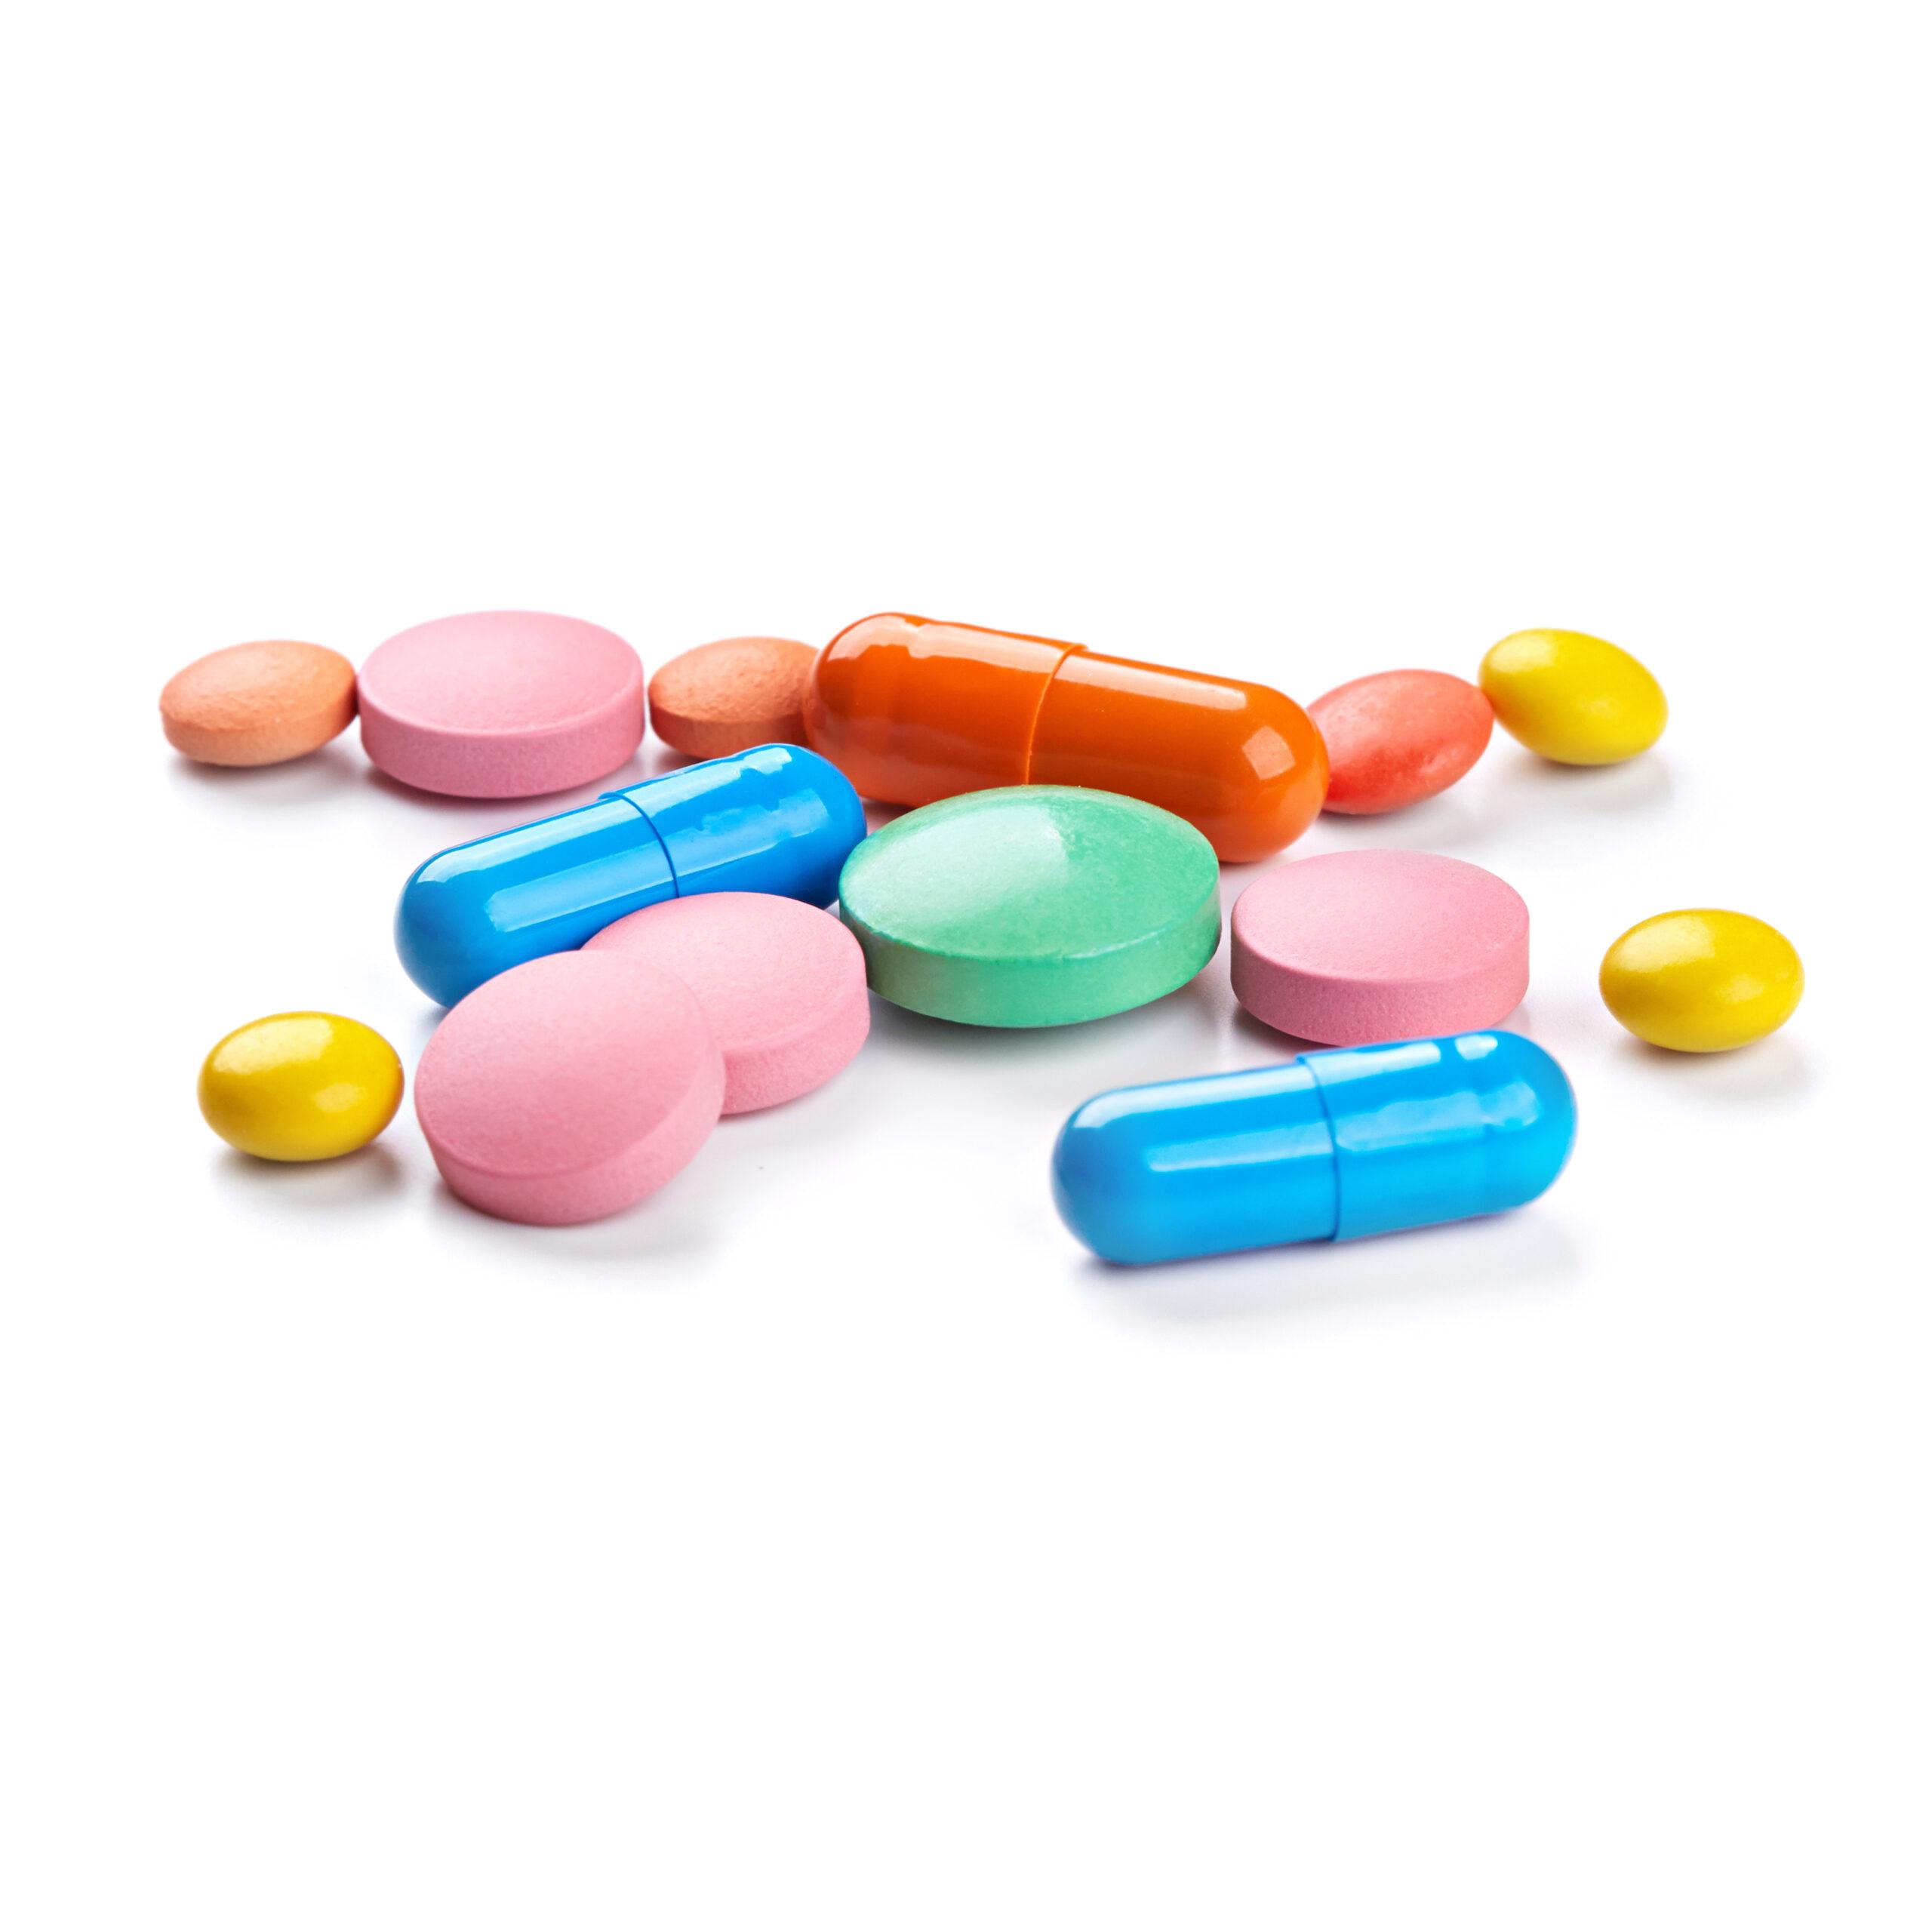 Wereldkaart van medicinale moleculen